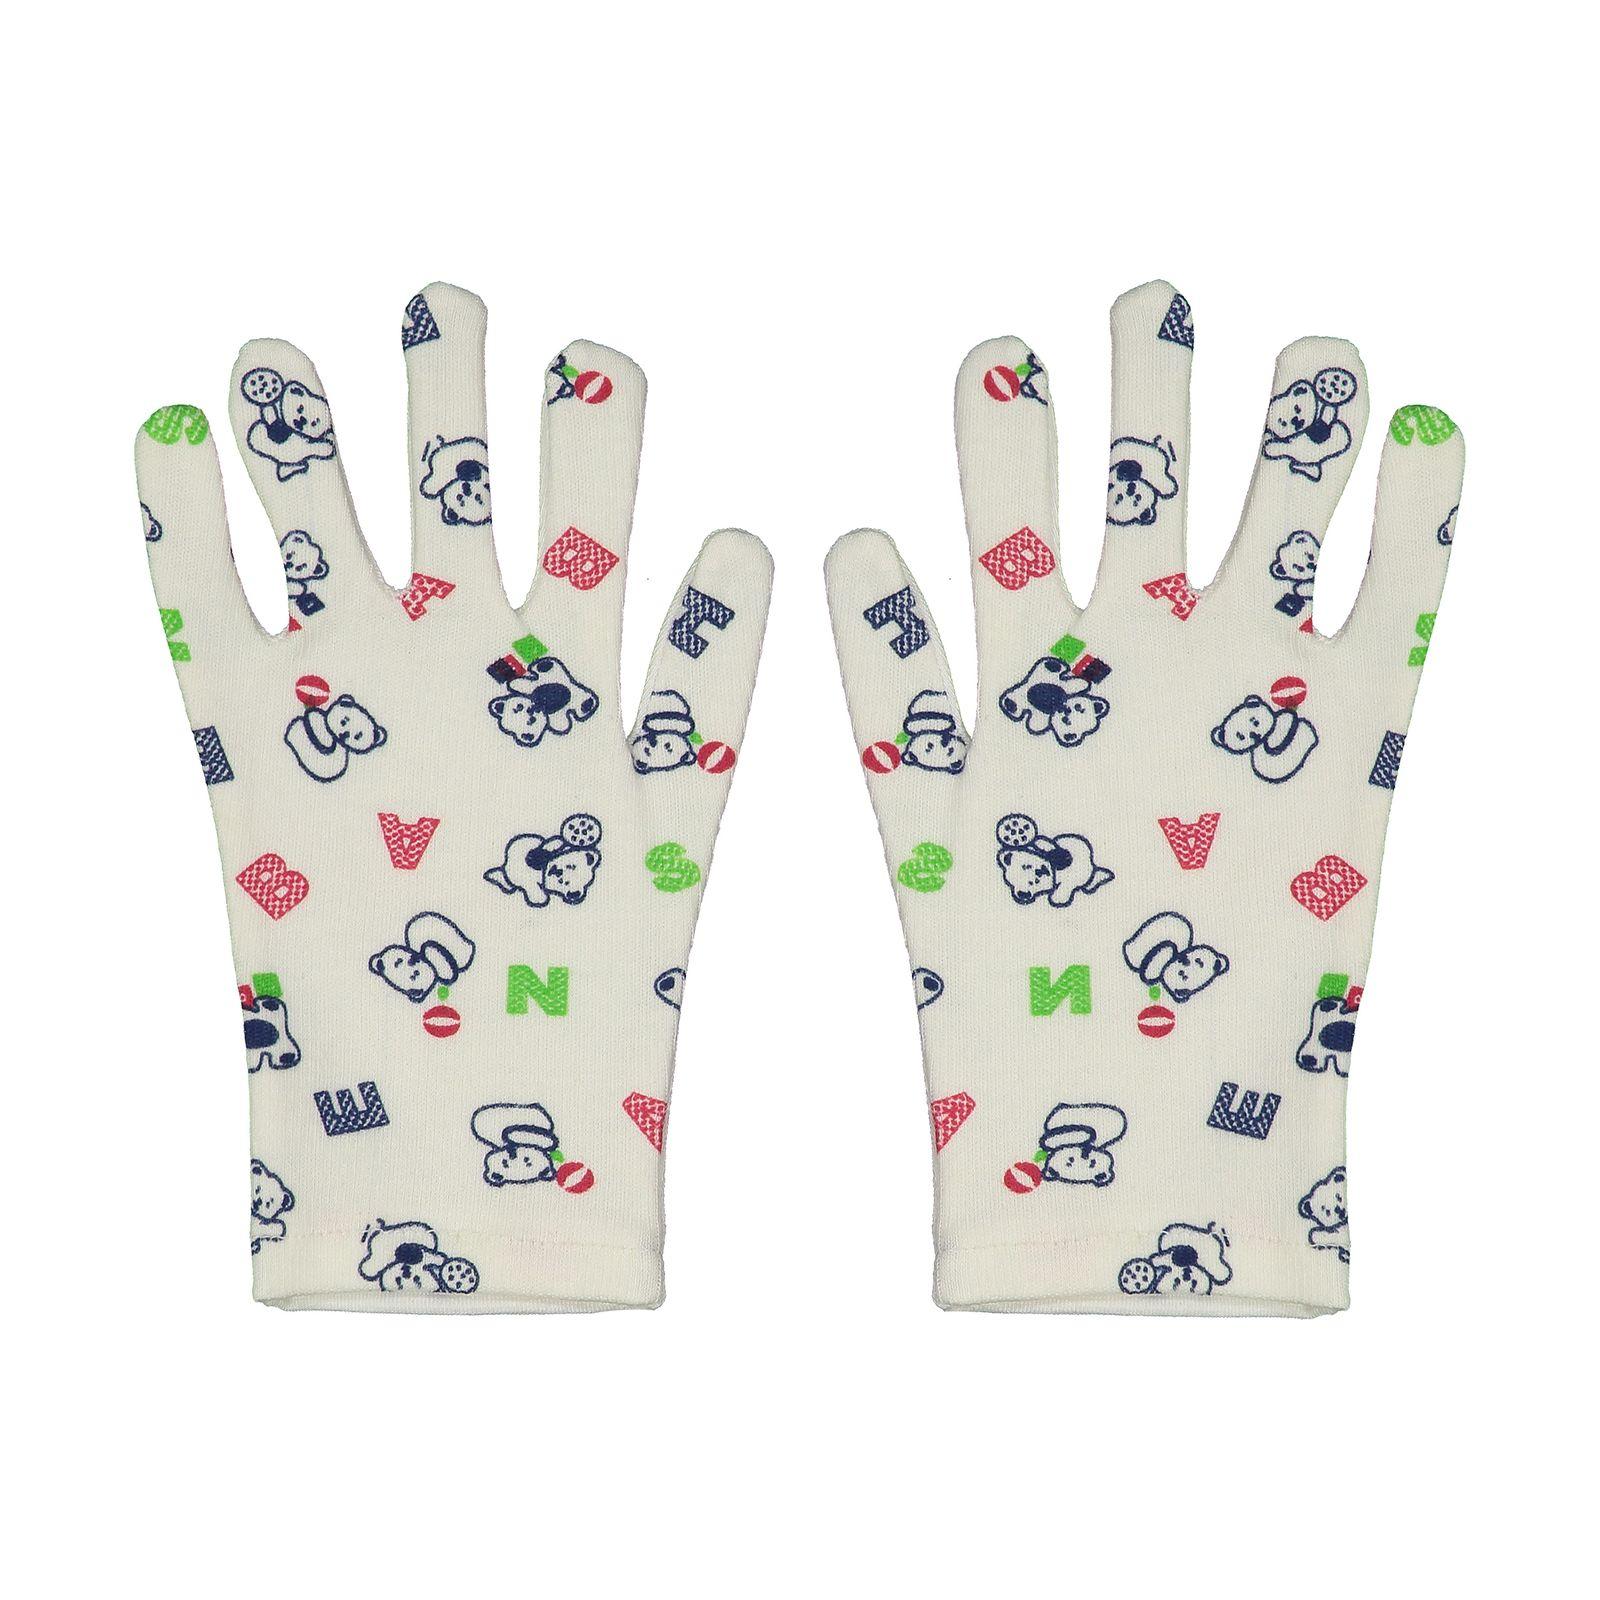 دستکش بچگانه کد 1003 -  - 2